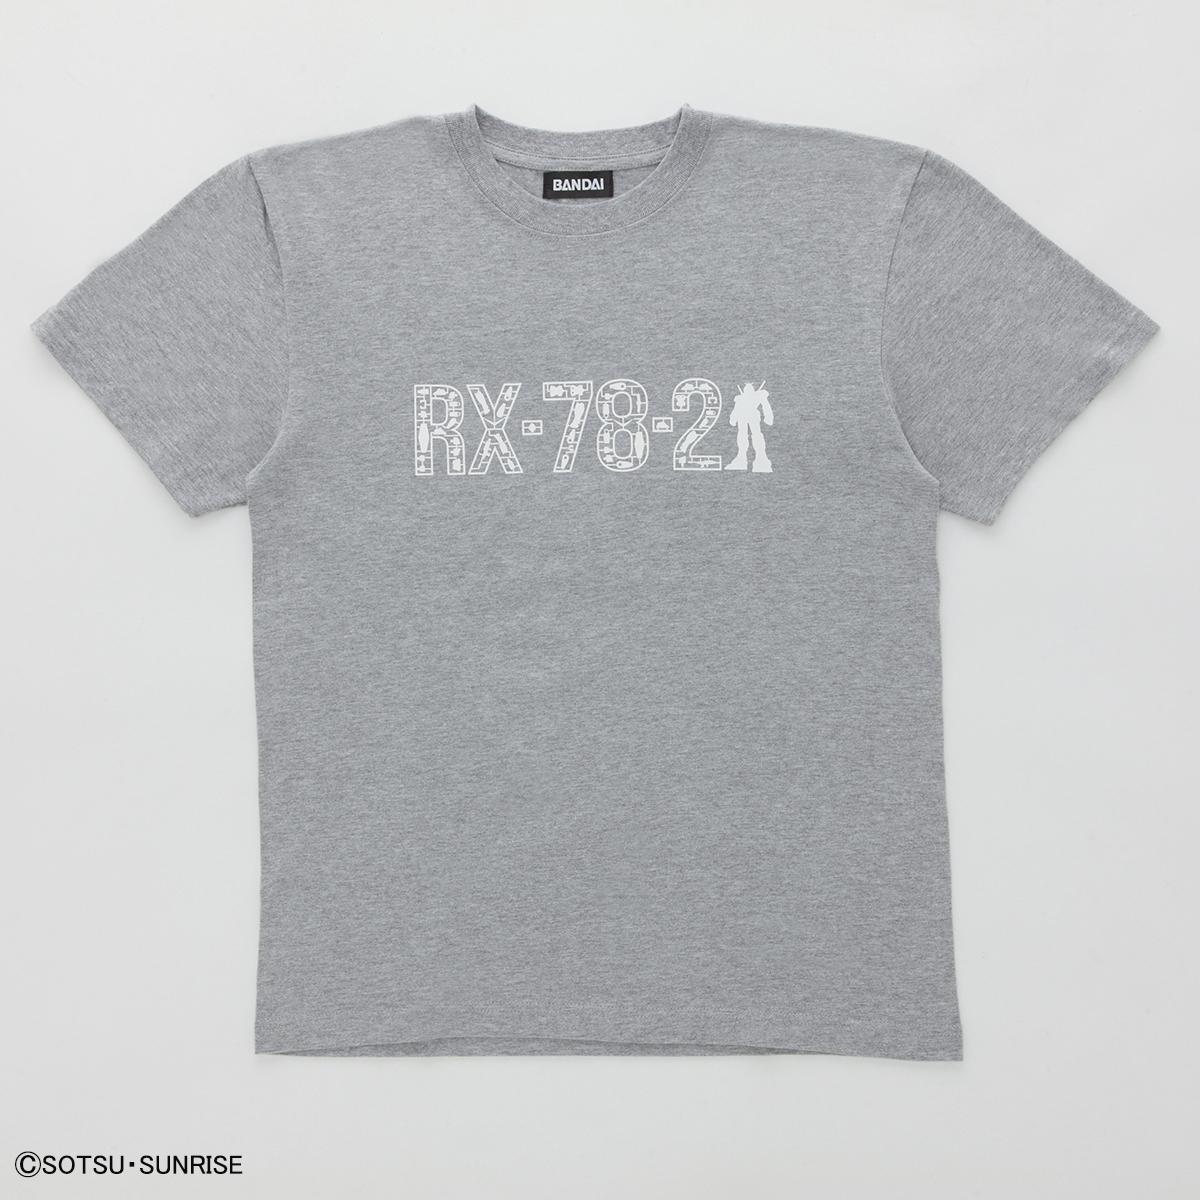 機動戦士ガンダム ガンプラ ランナー Tシャツ RX-78-2 ガンダム 杢白 商品画像